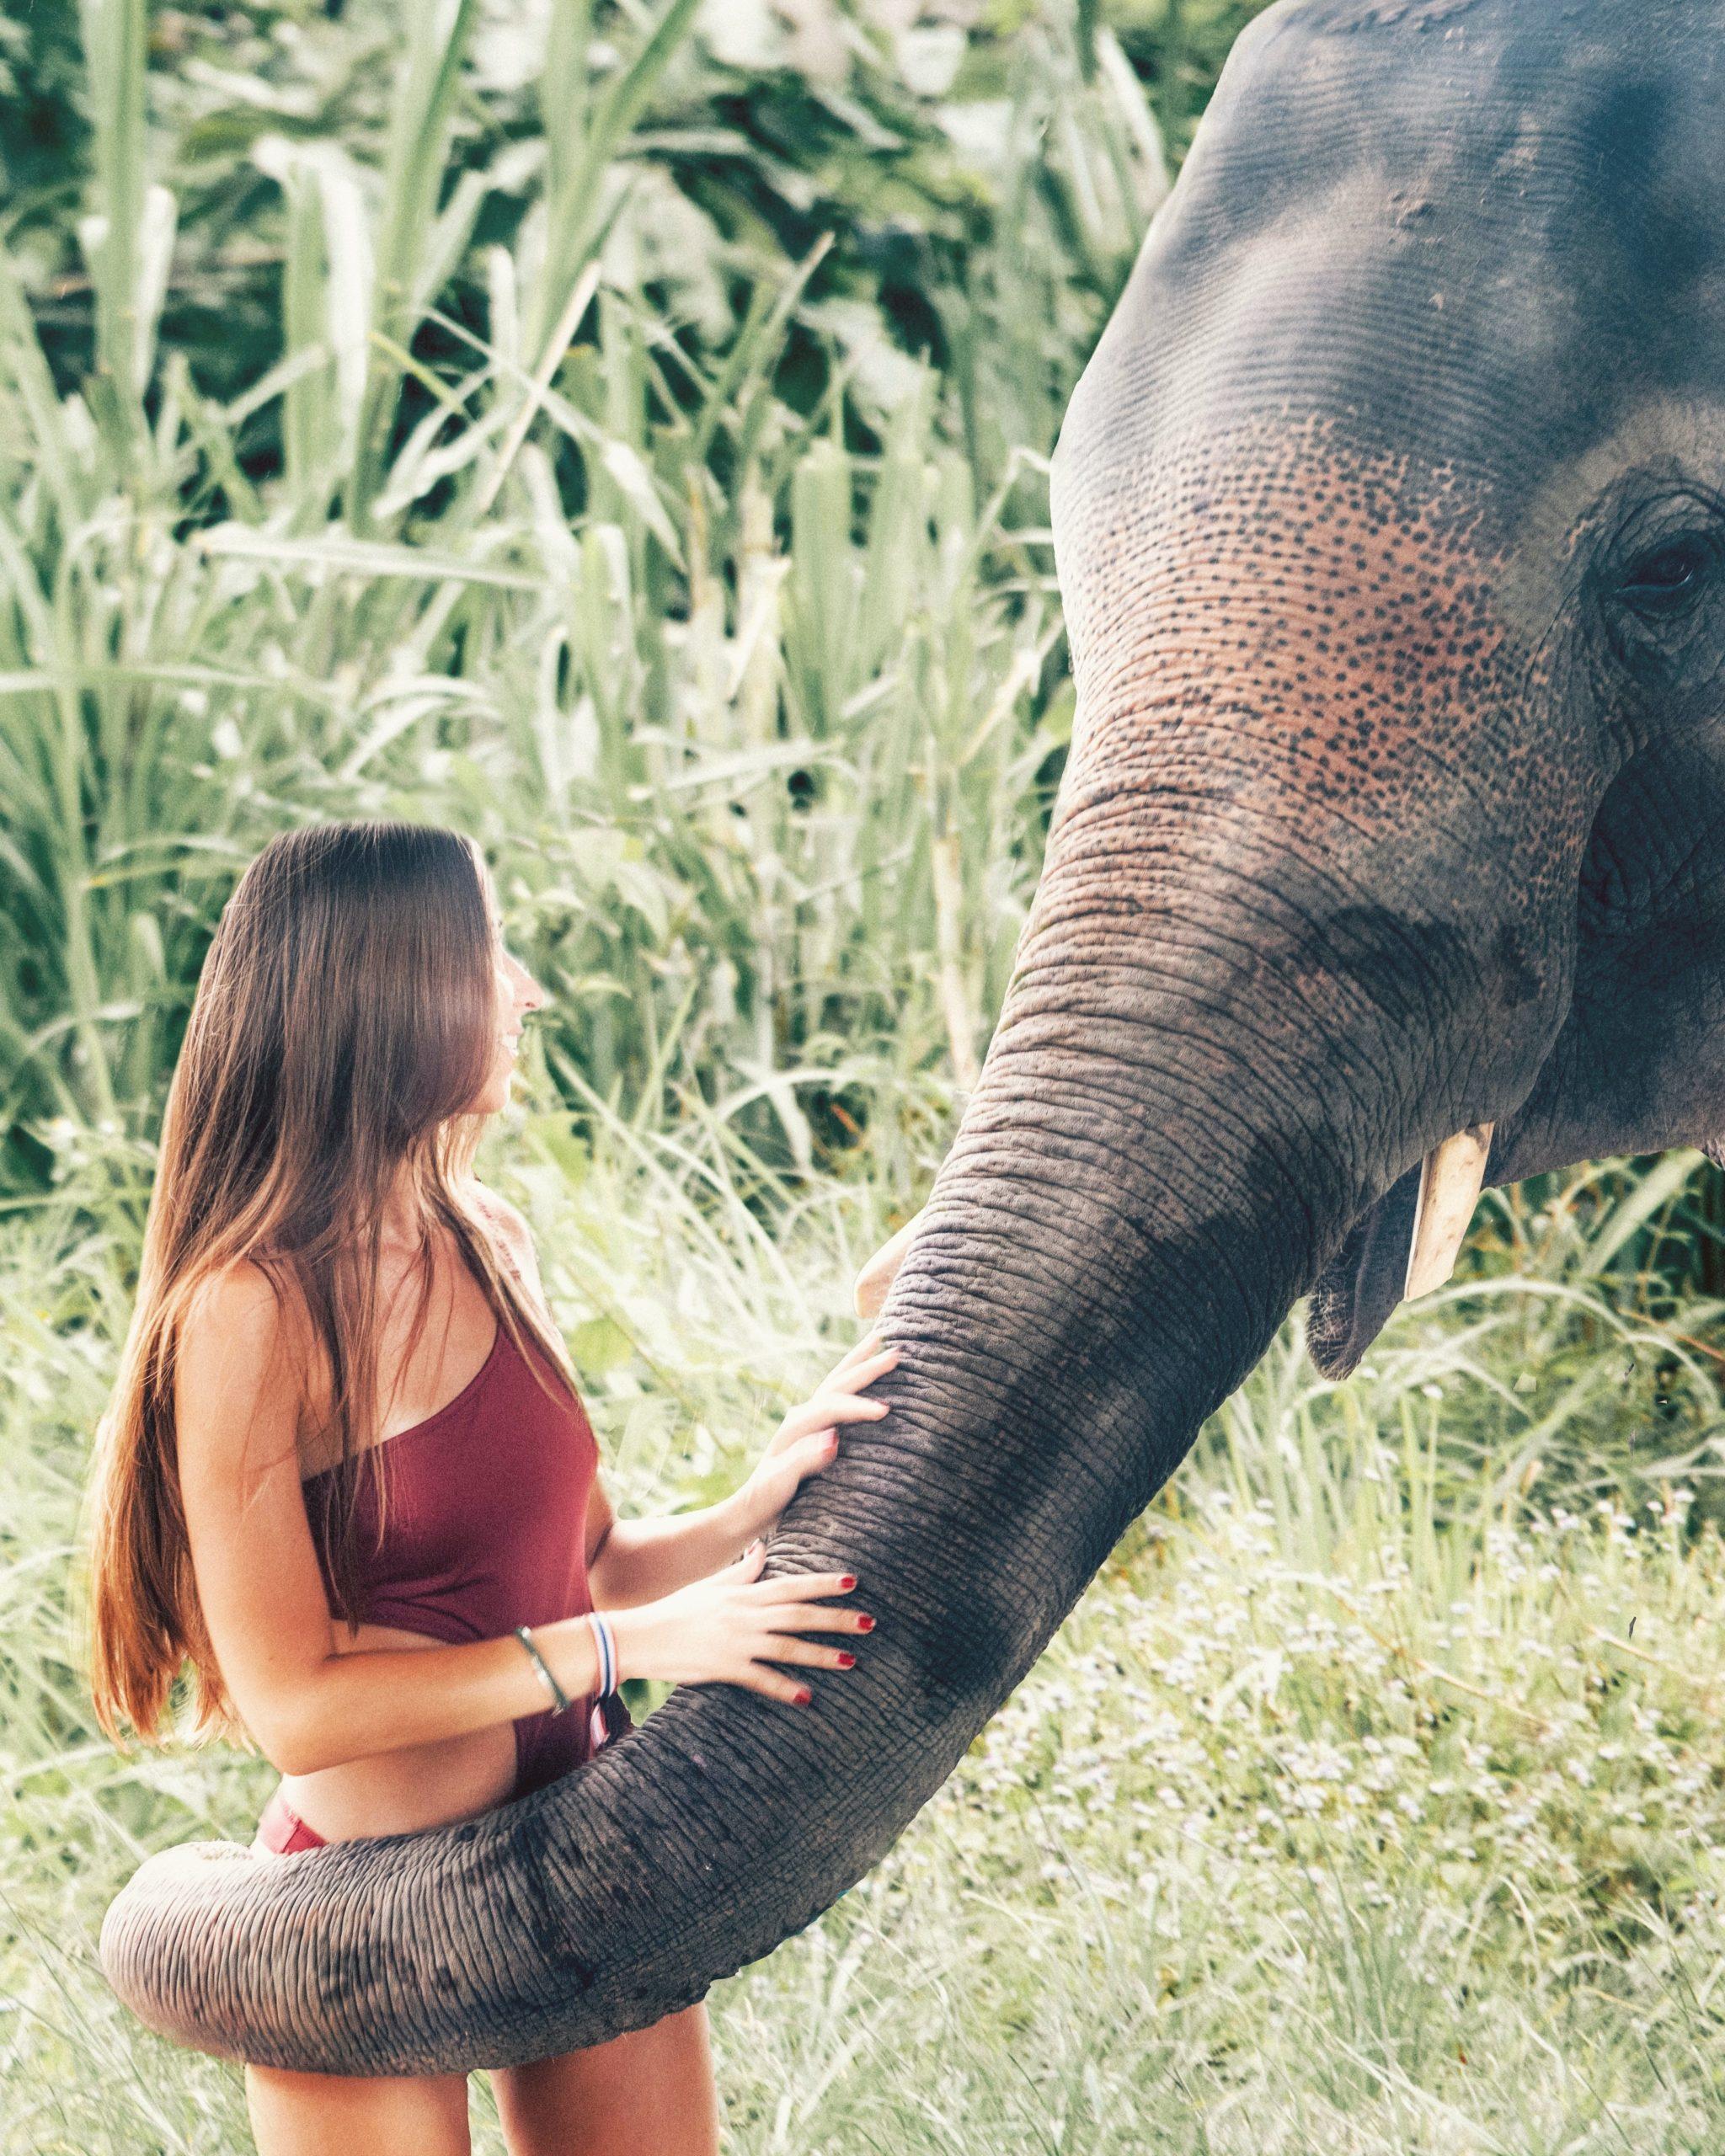 elephant_thailande_asie_fille_rencontre_sanctuaire_chiang_mai